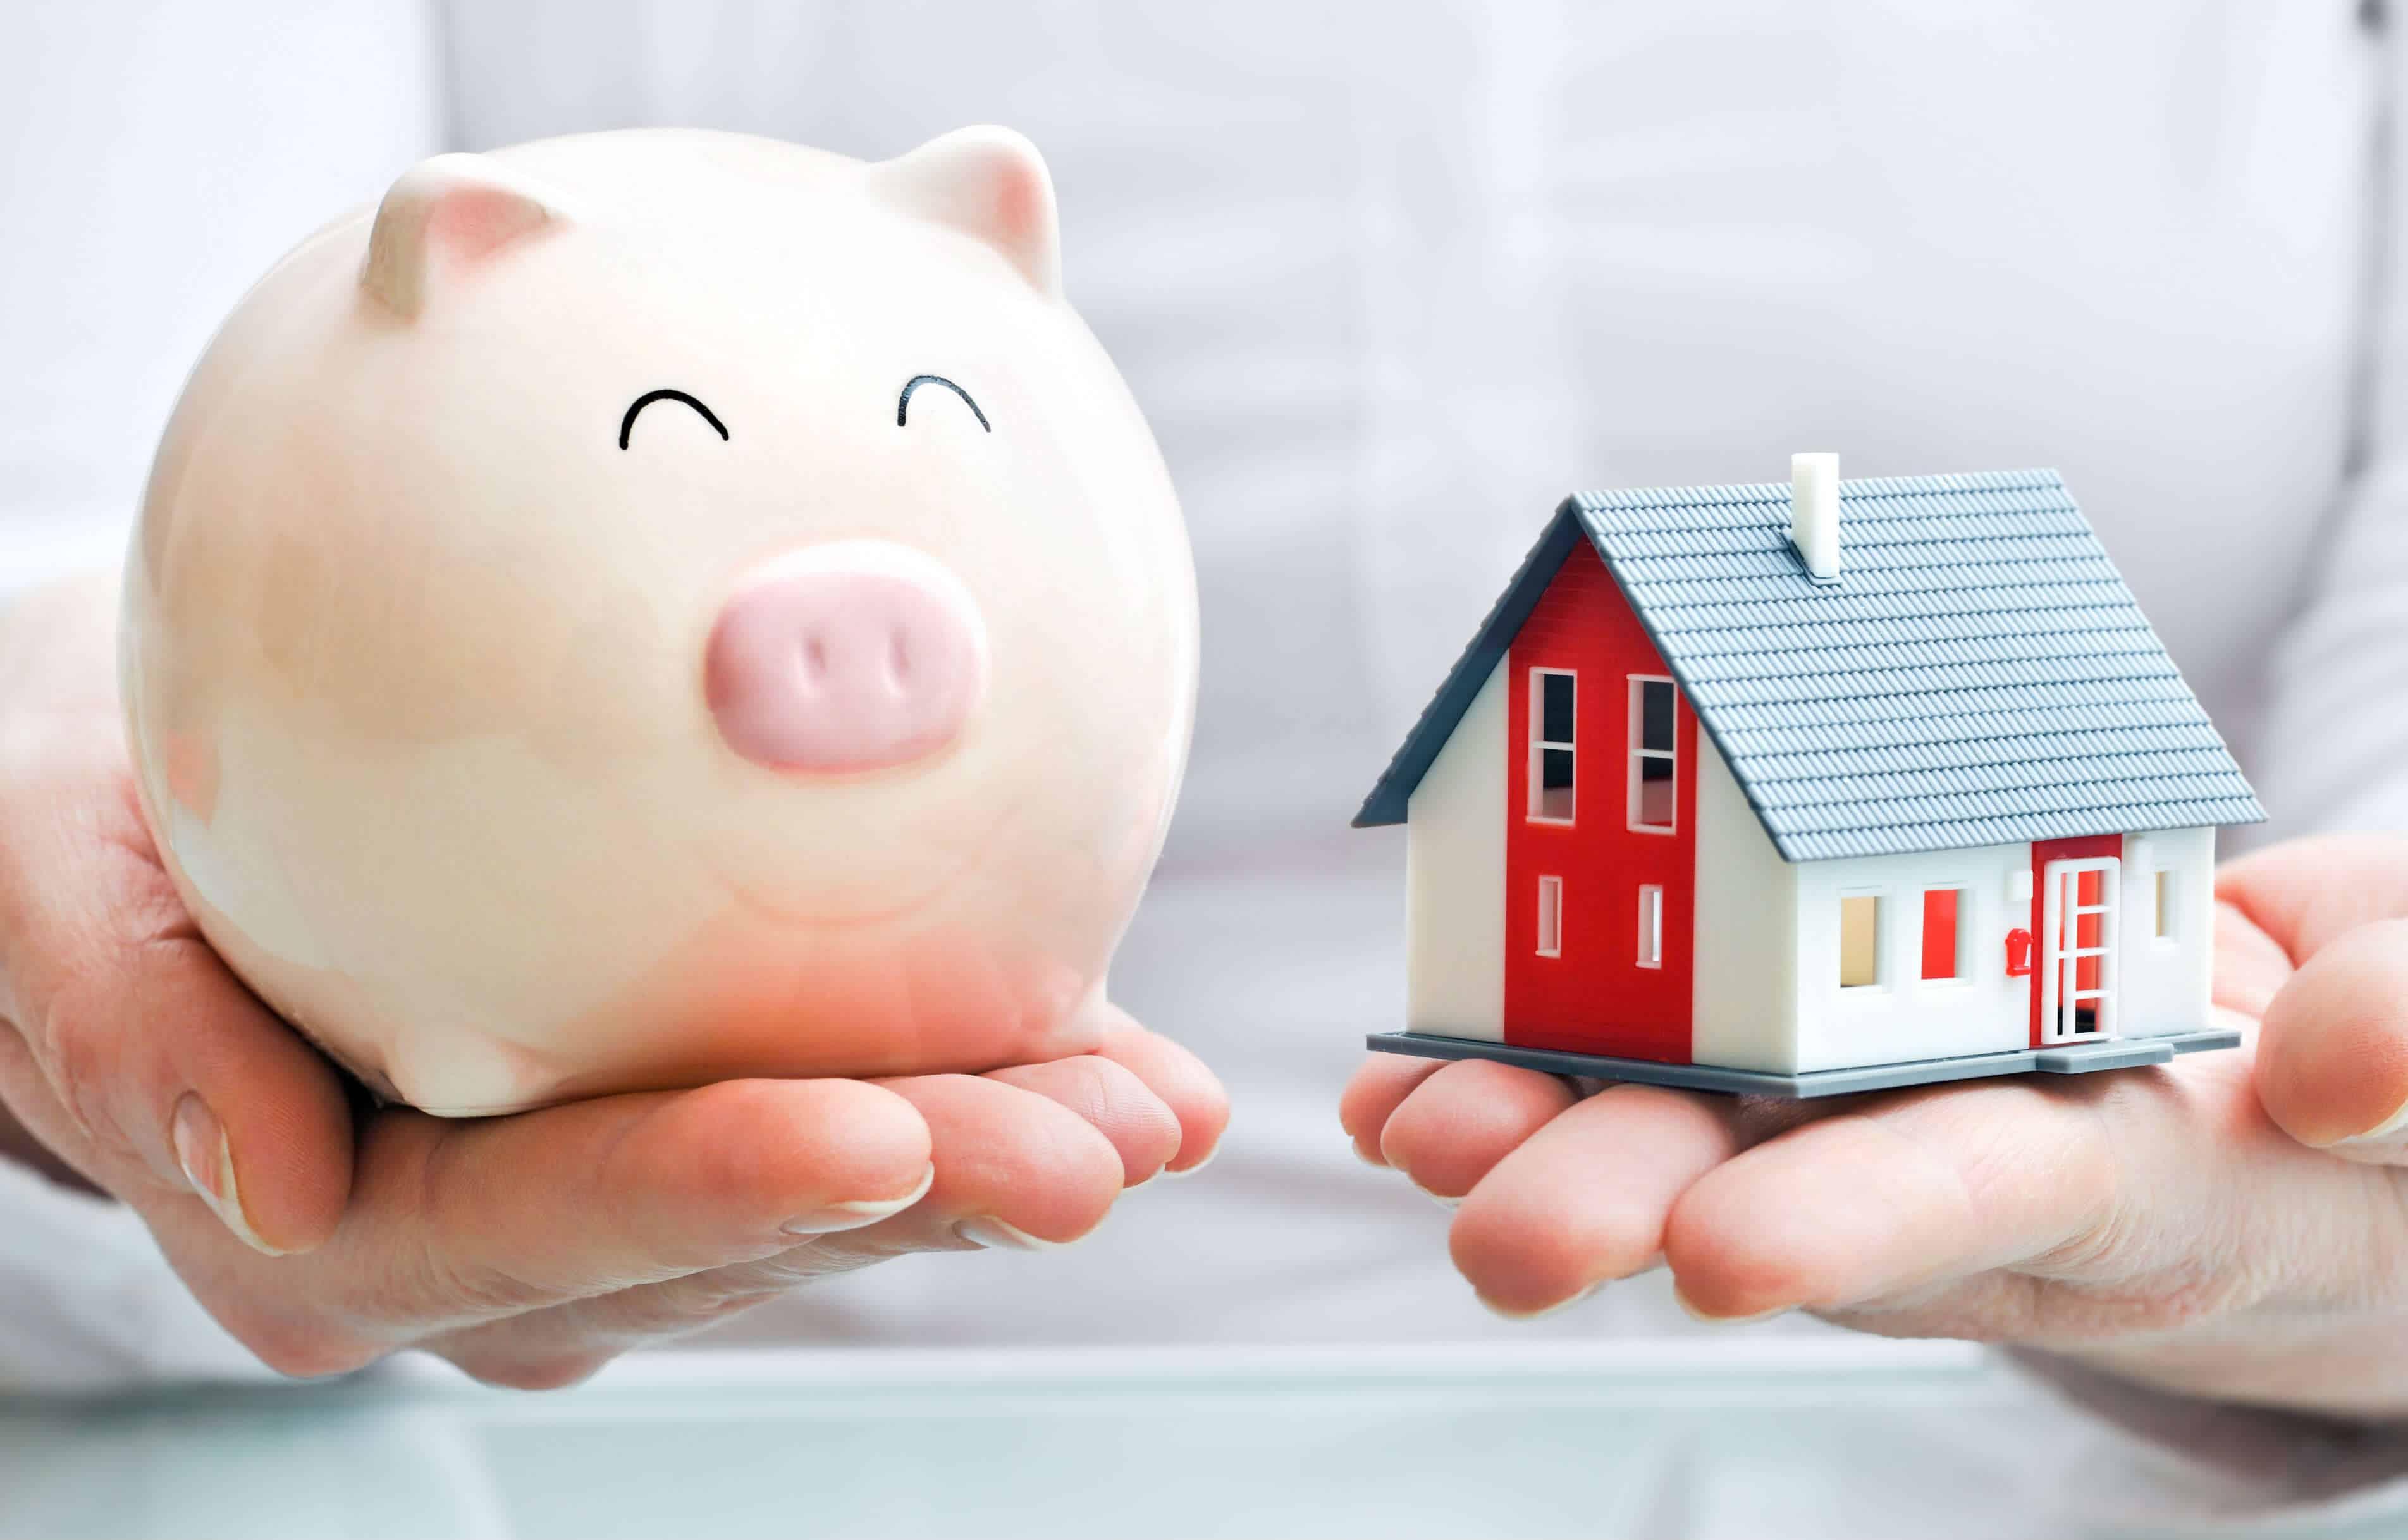 5 bước duy trì thói quen tiết kiệm sẽ giúp chị em thoát khỏi cảnh lĩnh lương chỉ để trả nợ - Ảnh 2.